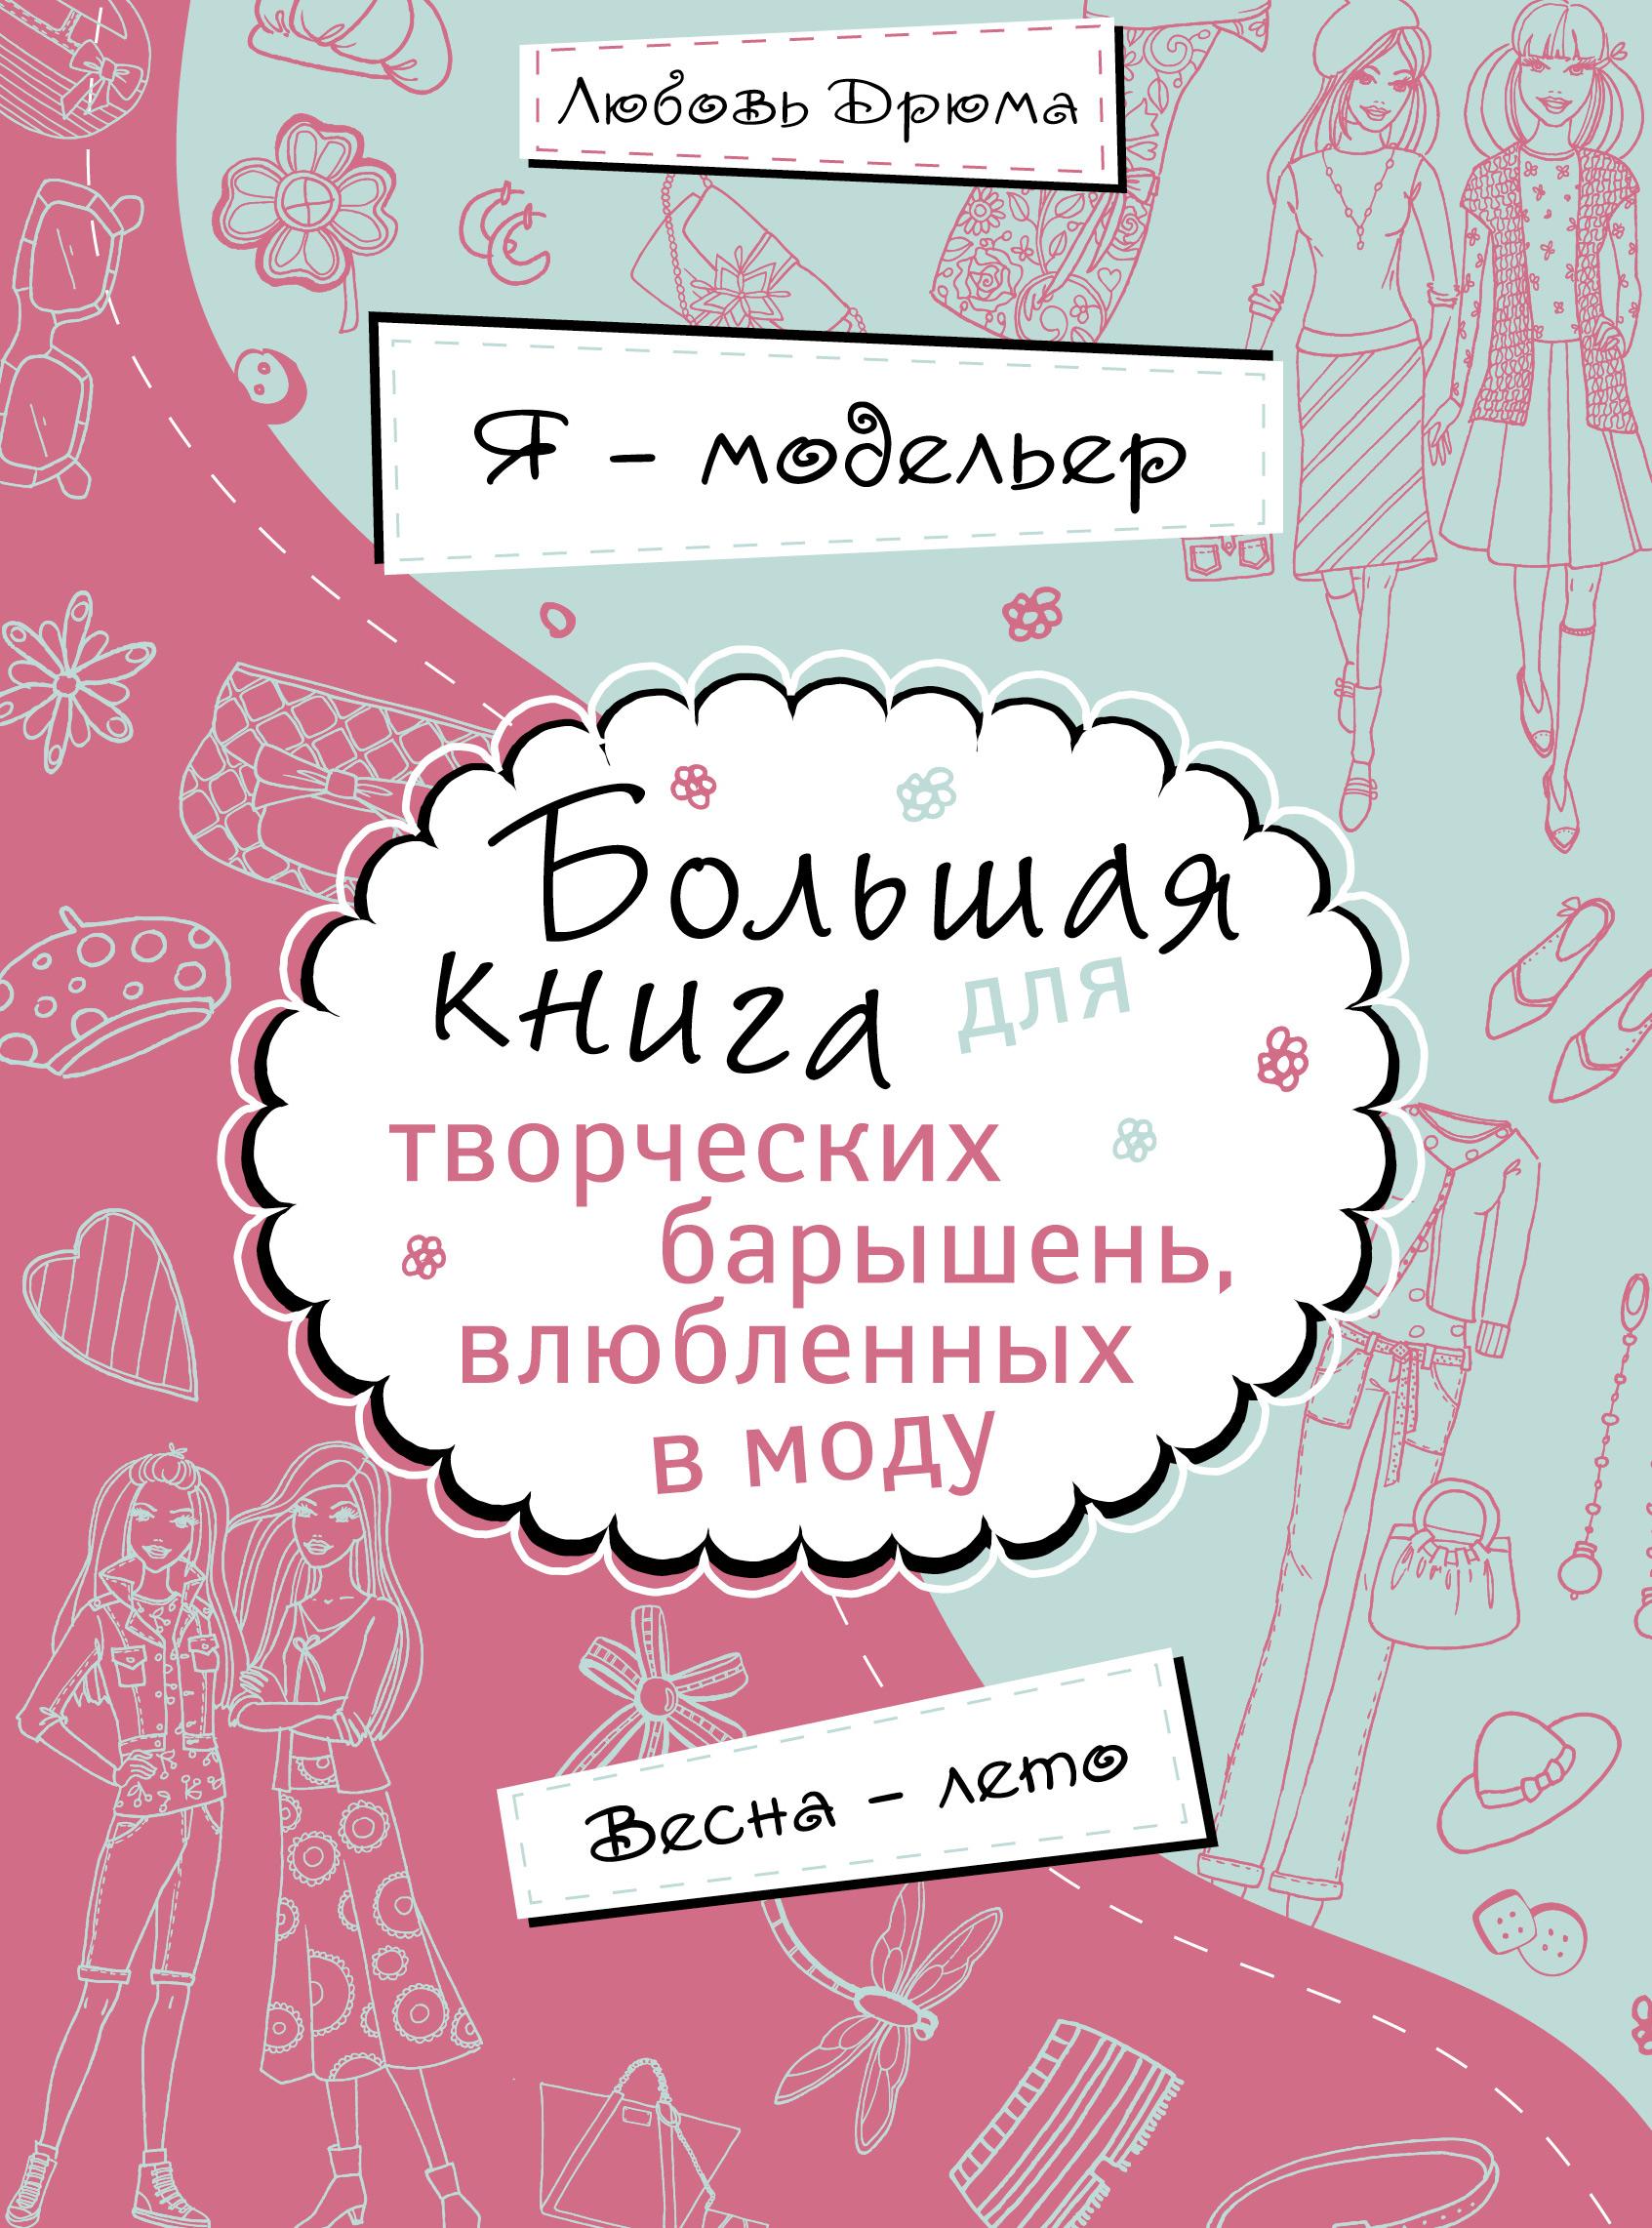 Любовь Дрюма Я – модельер. Большая книга для творческих барышень, влюбленных в моду. Весна-лето